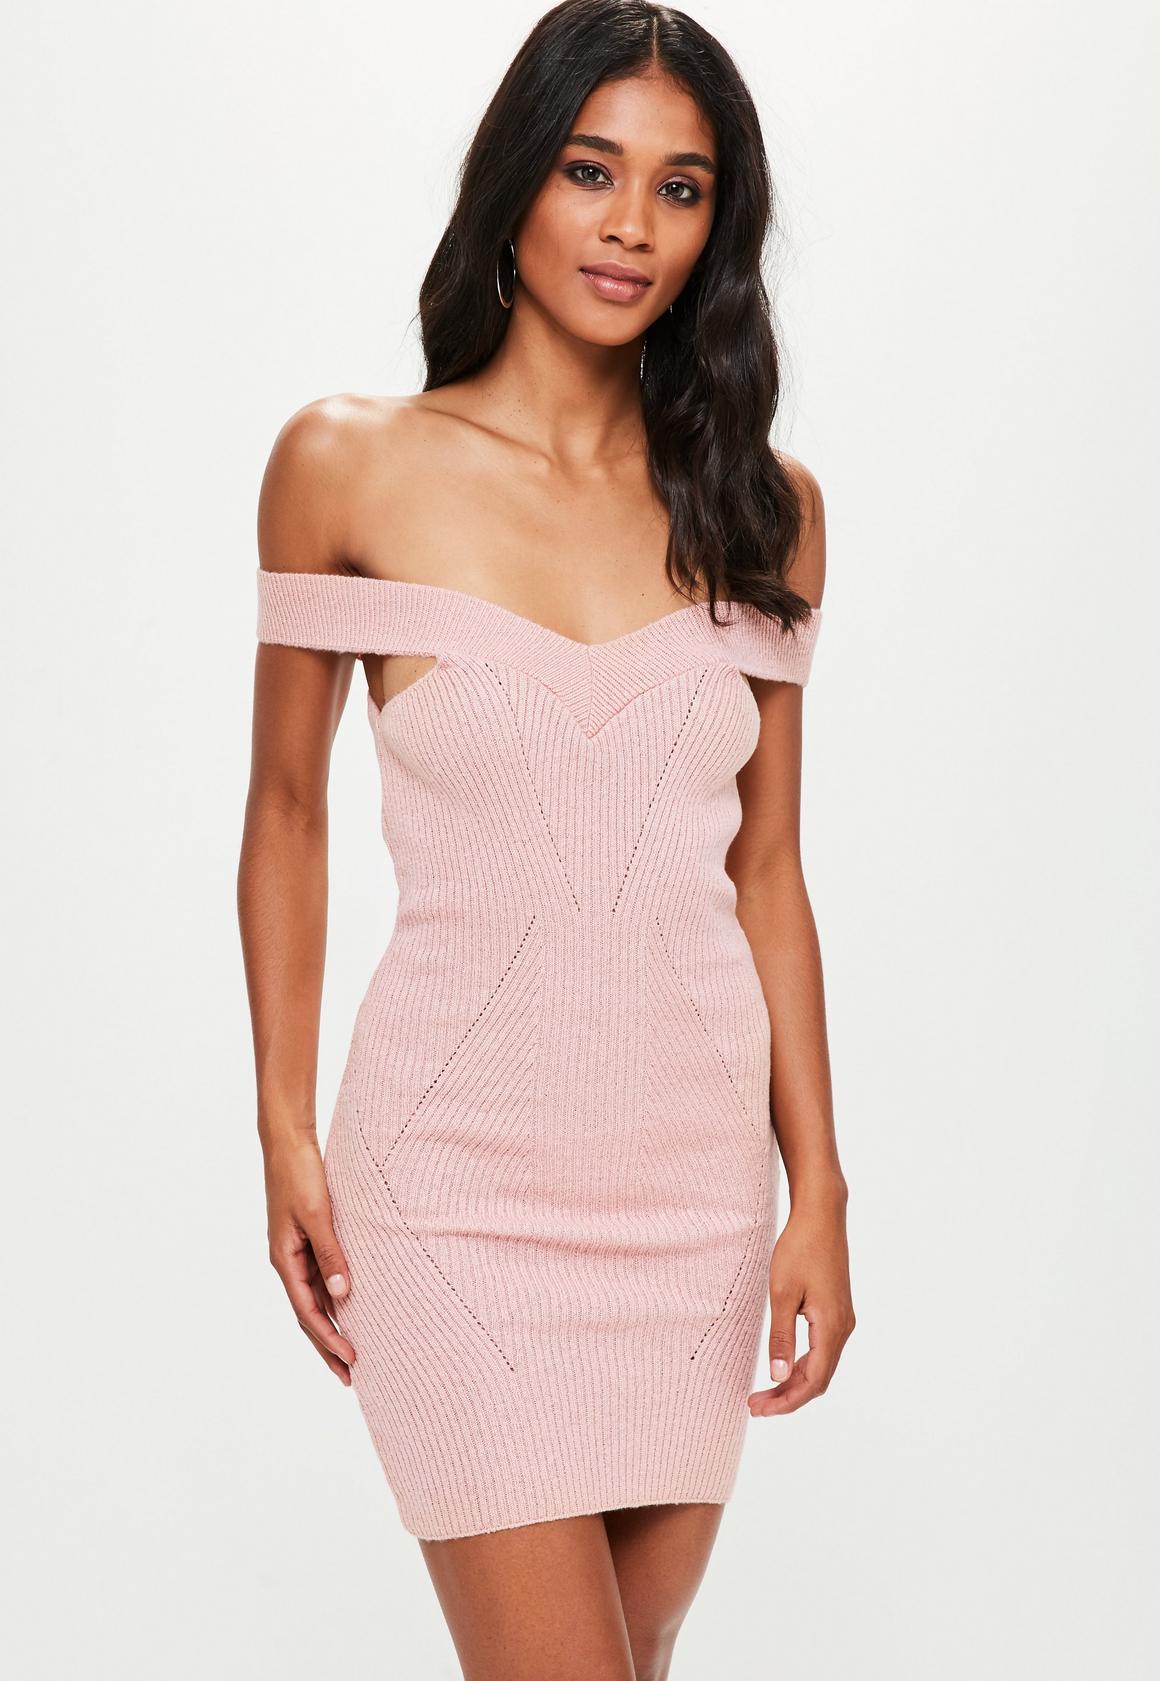 Vestido corto de punto bardot con costuras en rosa   Missguided